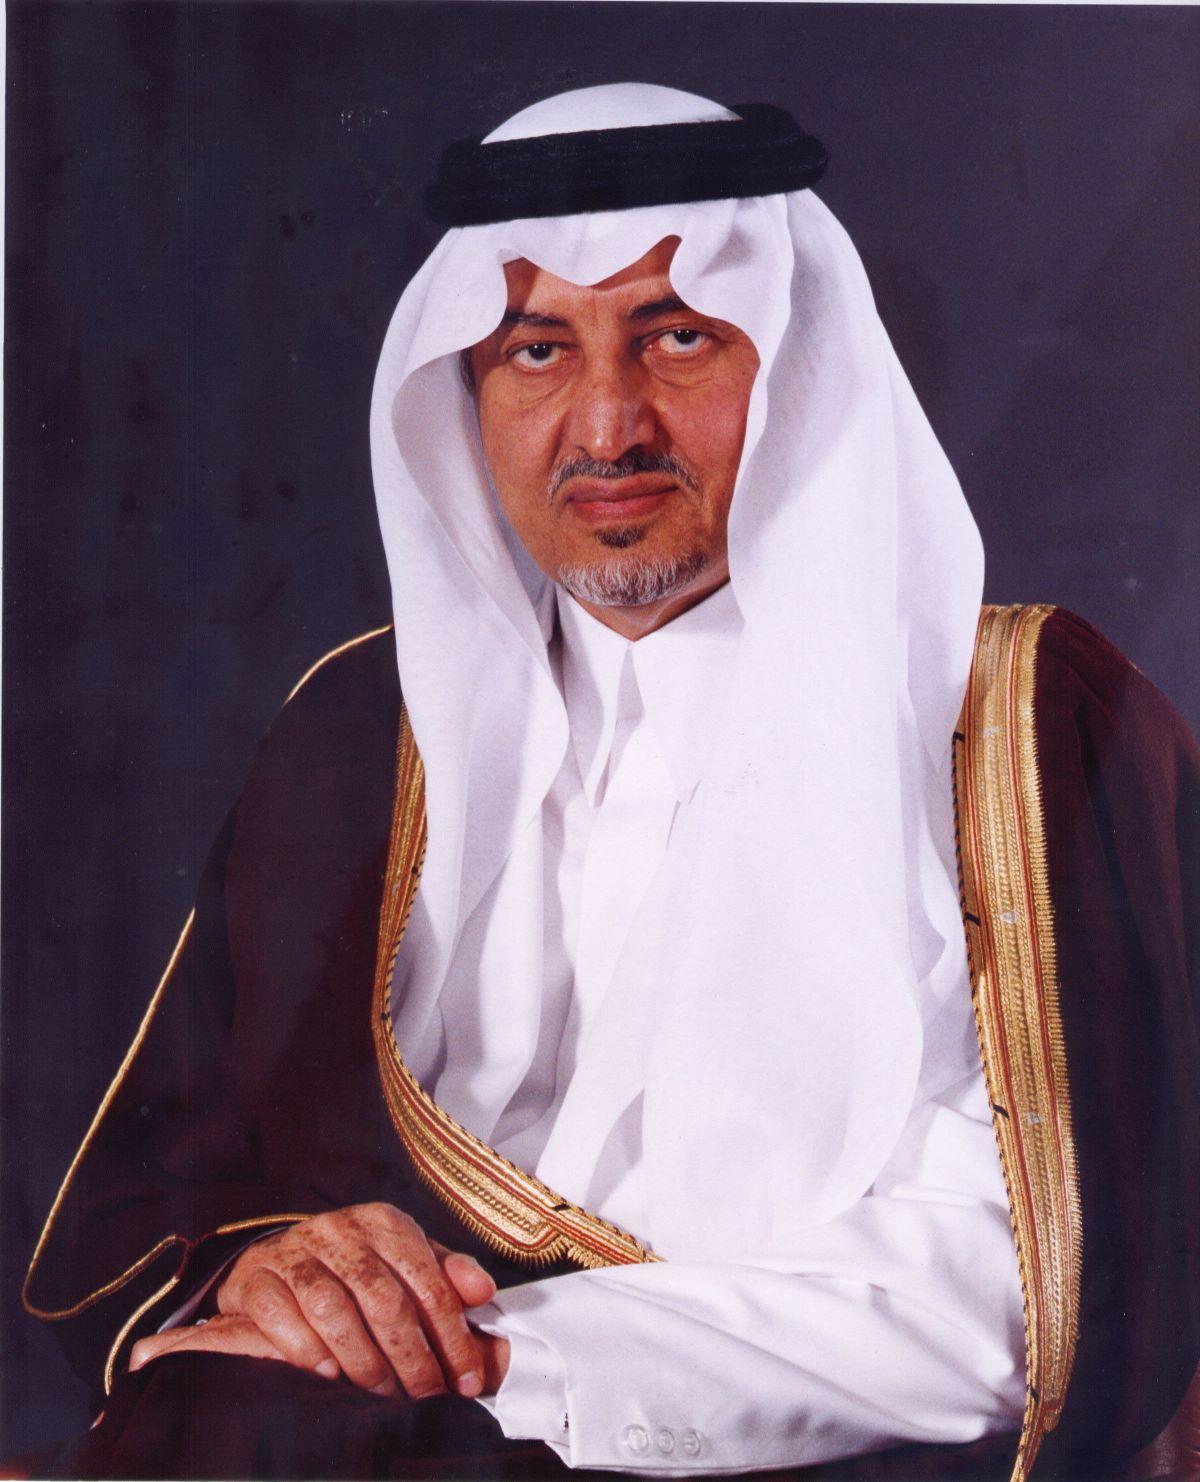 خالد الفيصل بن عبد العزيز آل سعود المعرفة